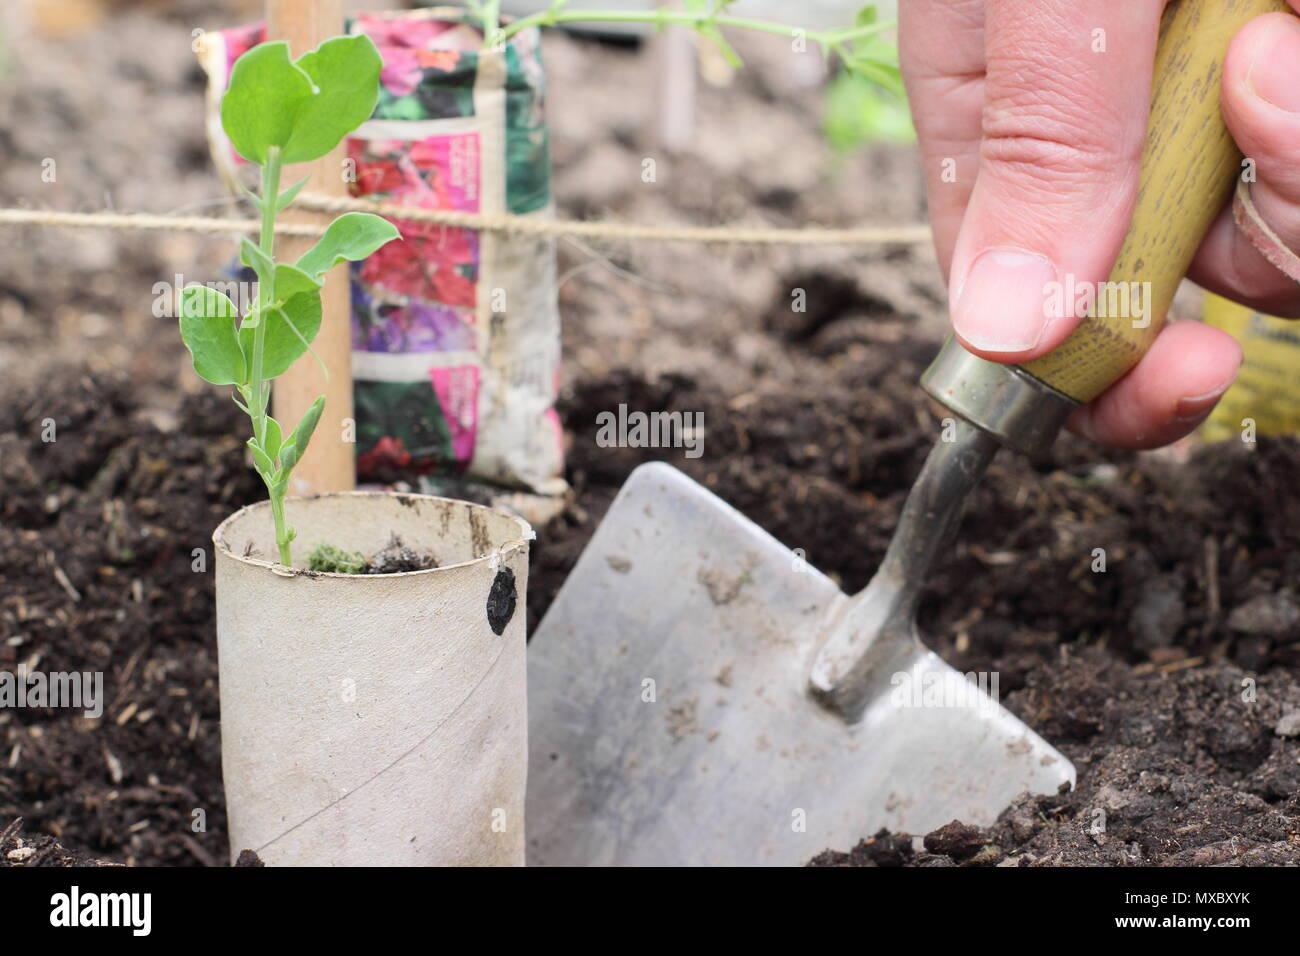 Lathyrus odoratus. La plantation de jeunes plants de pois sucré dans des pots en papier recyclé à la base de la canne, prend en charge l'usine wigwam printemps, UK Photo Stock